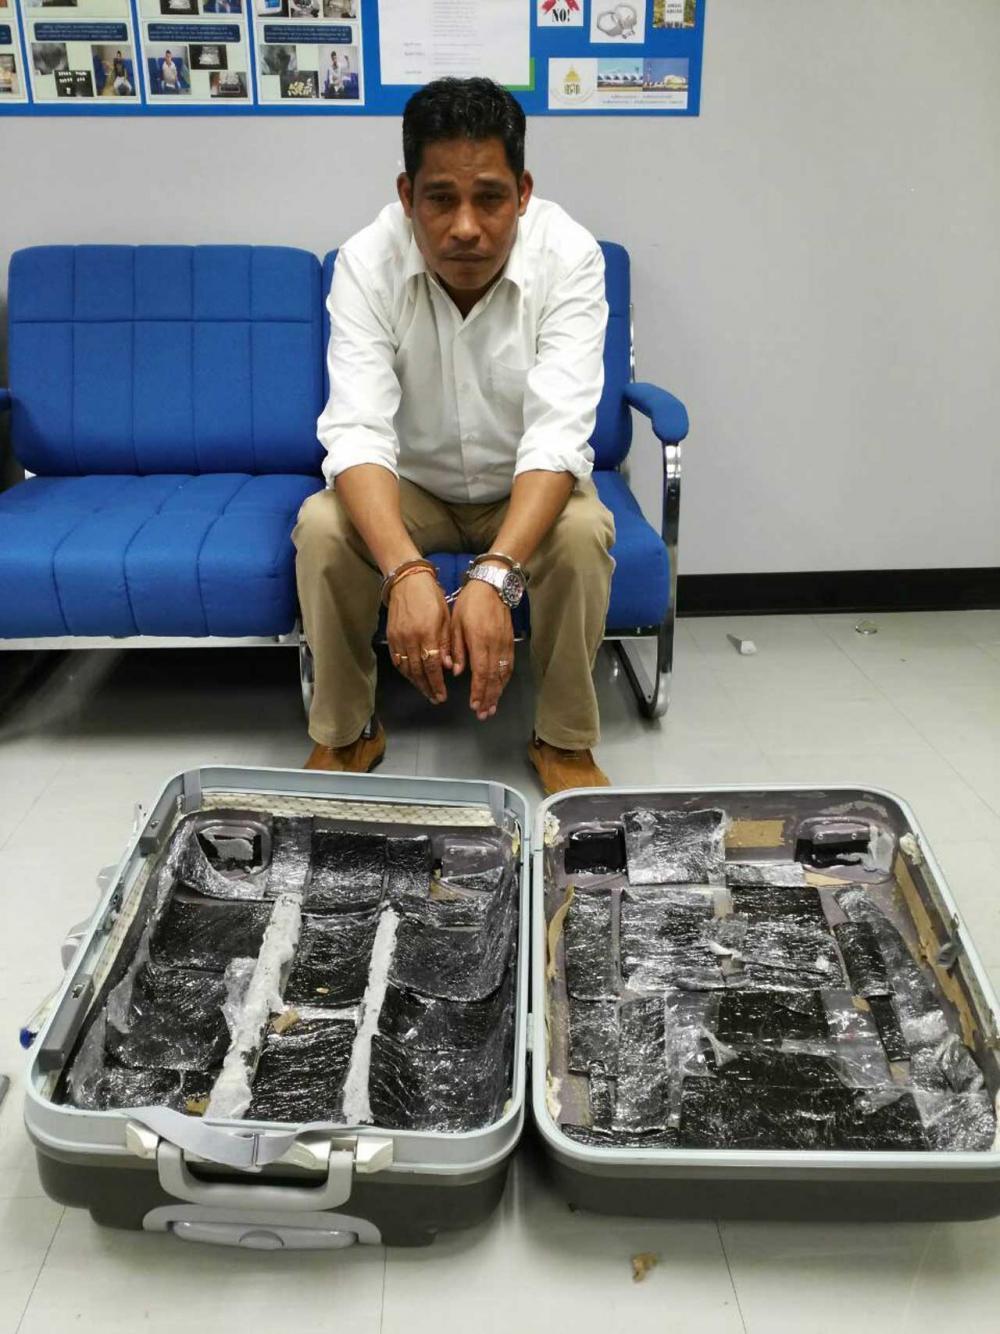 โฉมหน้าหนุ่มชาวเนปาล ลักลอบขนยางกัญชามูลค่า3แสนบาท มาในช่องลับกระเป๋าเดินทางมาขายในไทย